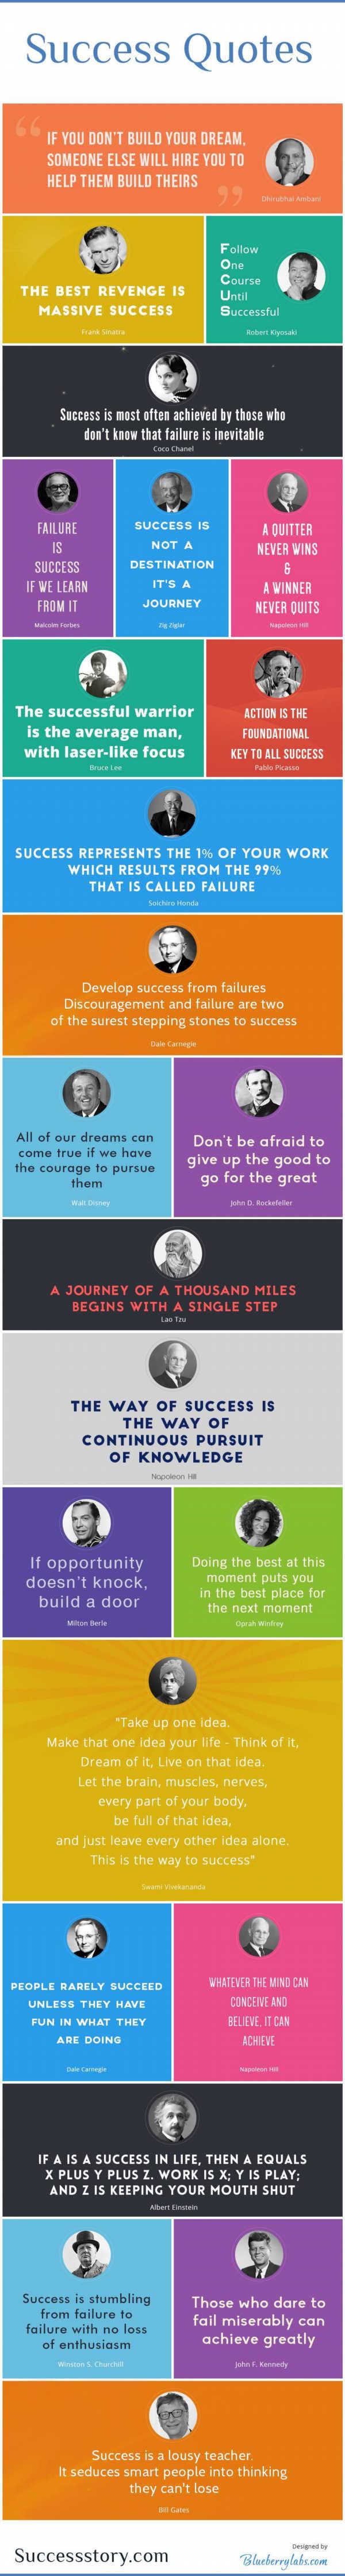 Success Quotes [Infographic]